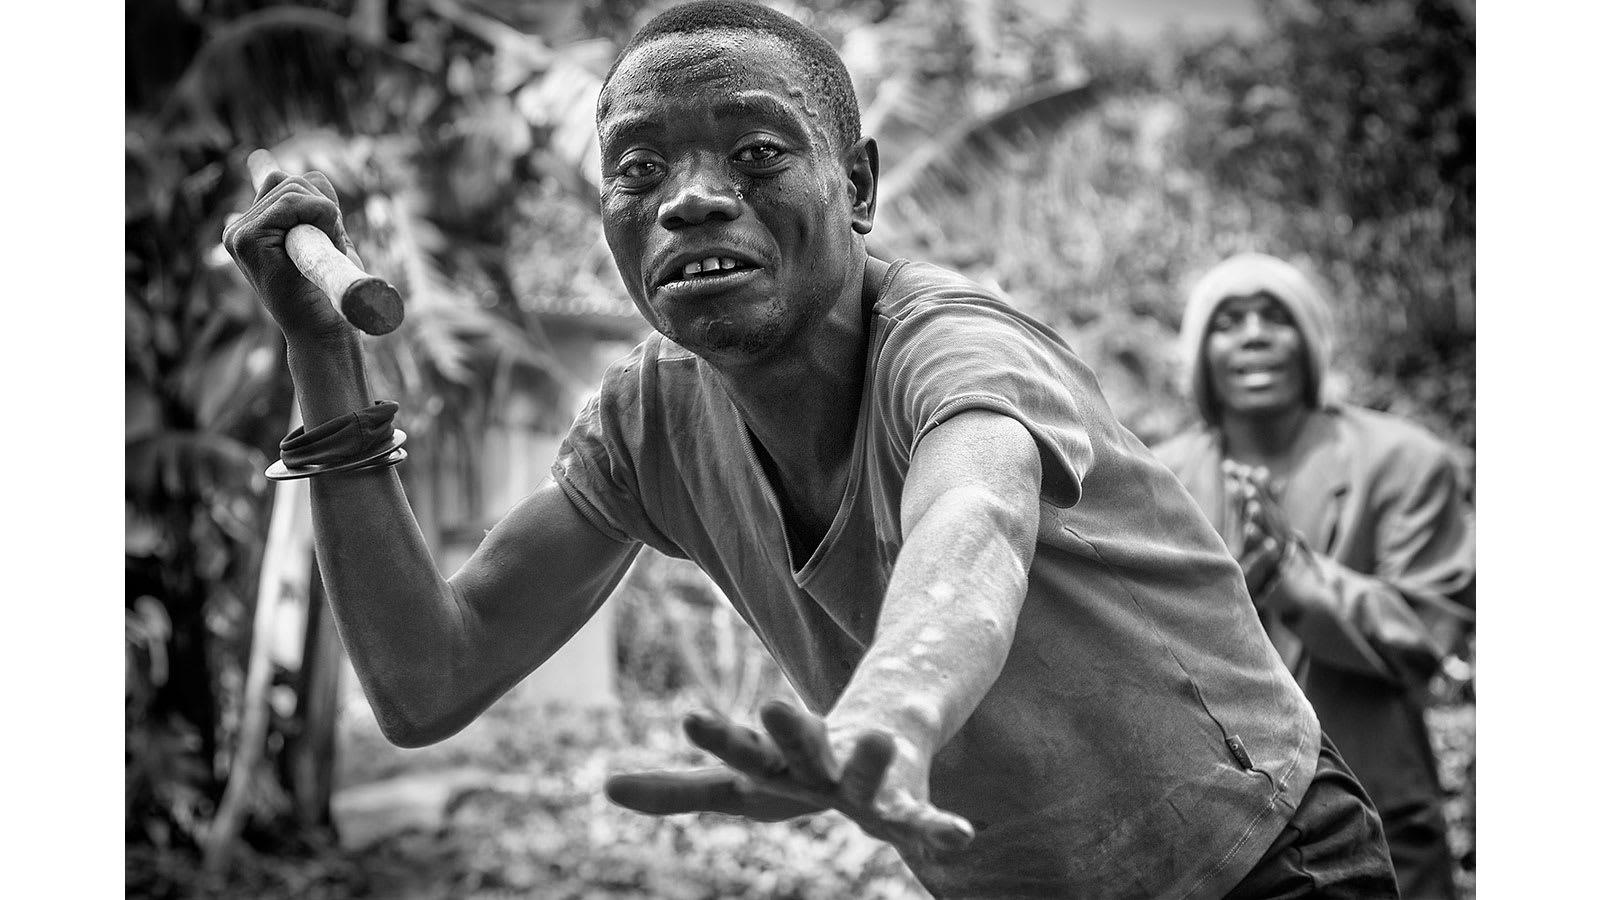 ألق نظرة على الصور الفائزة في مسابقة مصور السفر لعام 2019